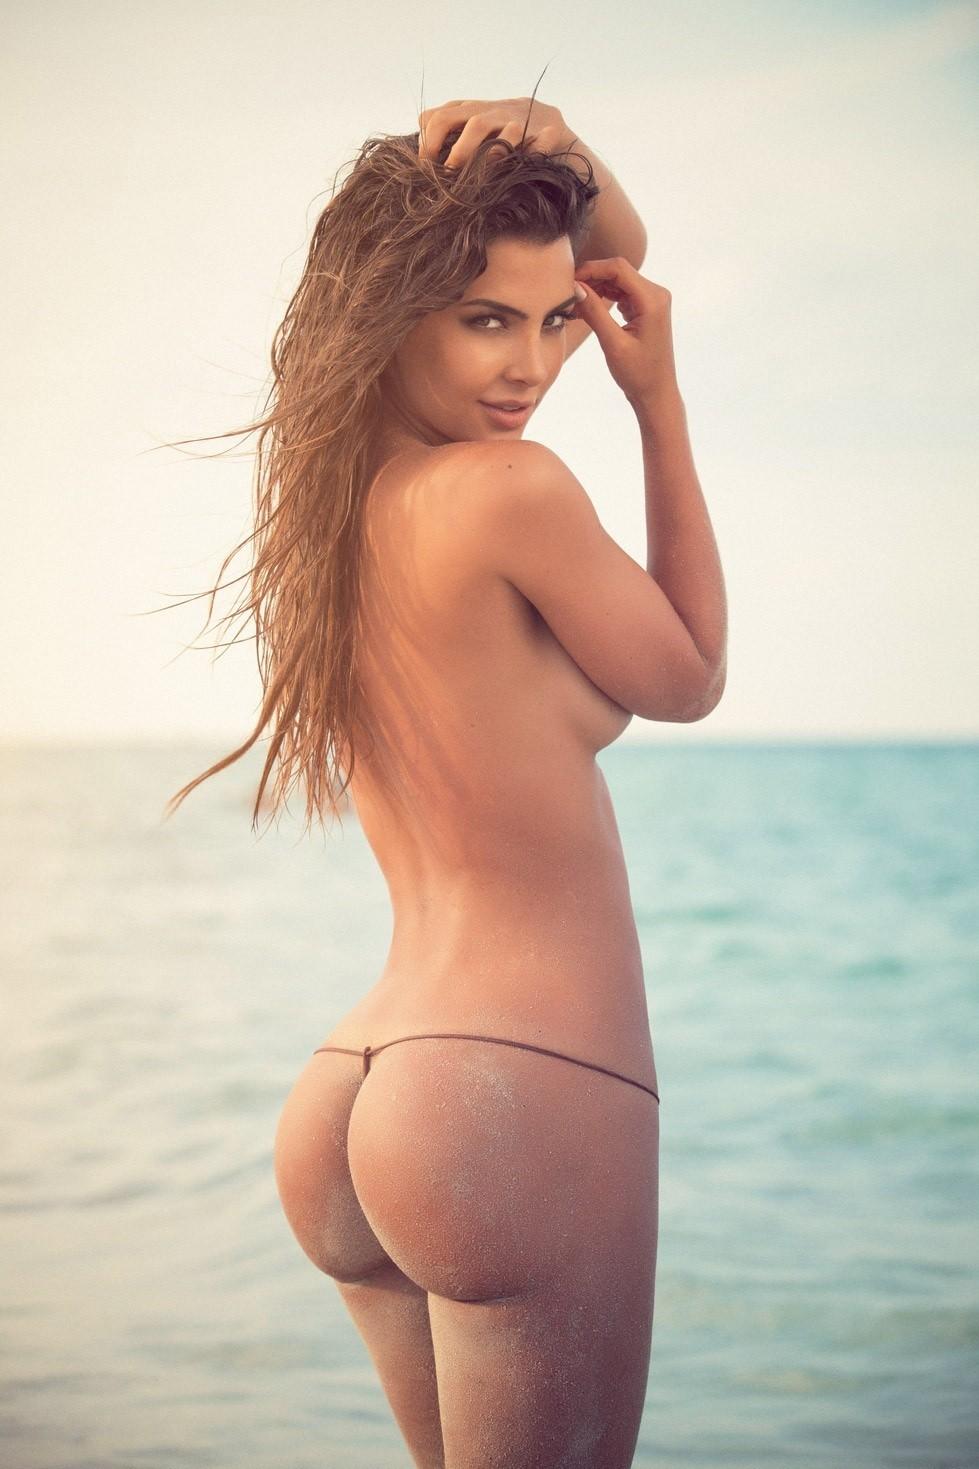 Mejeres Colombianas Desnudas - Videos Chicas Gratis